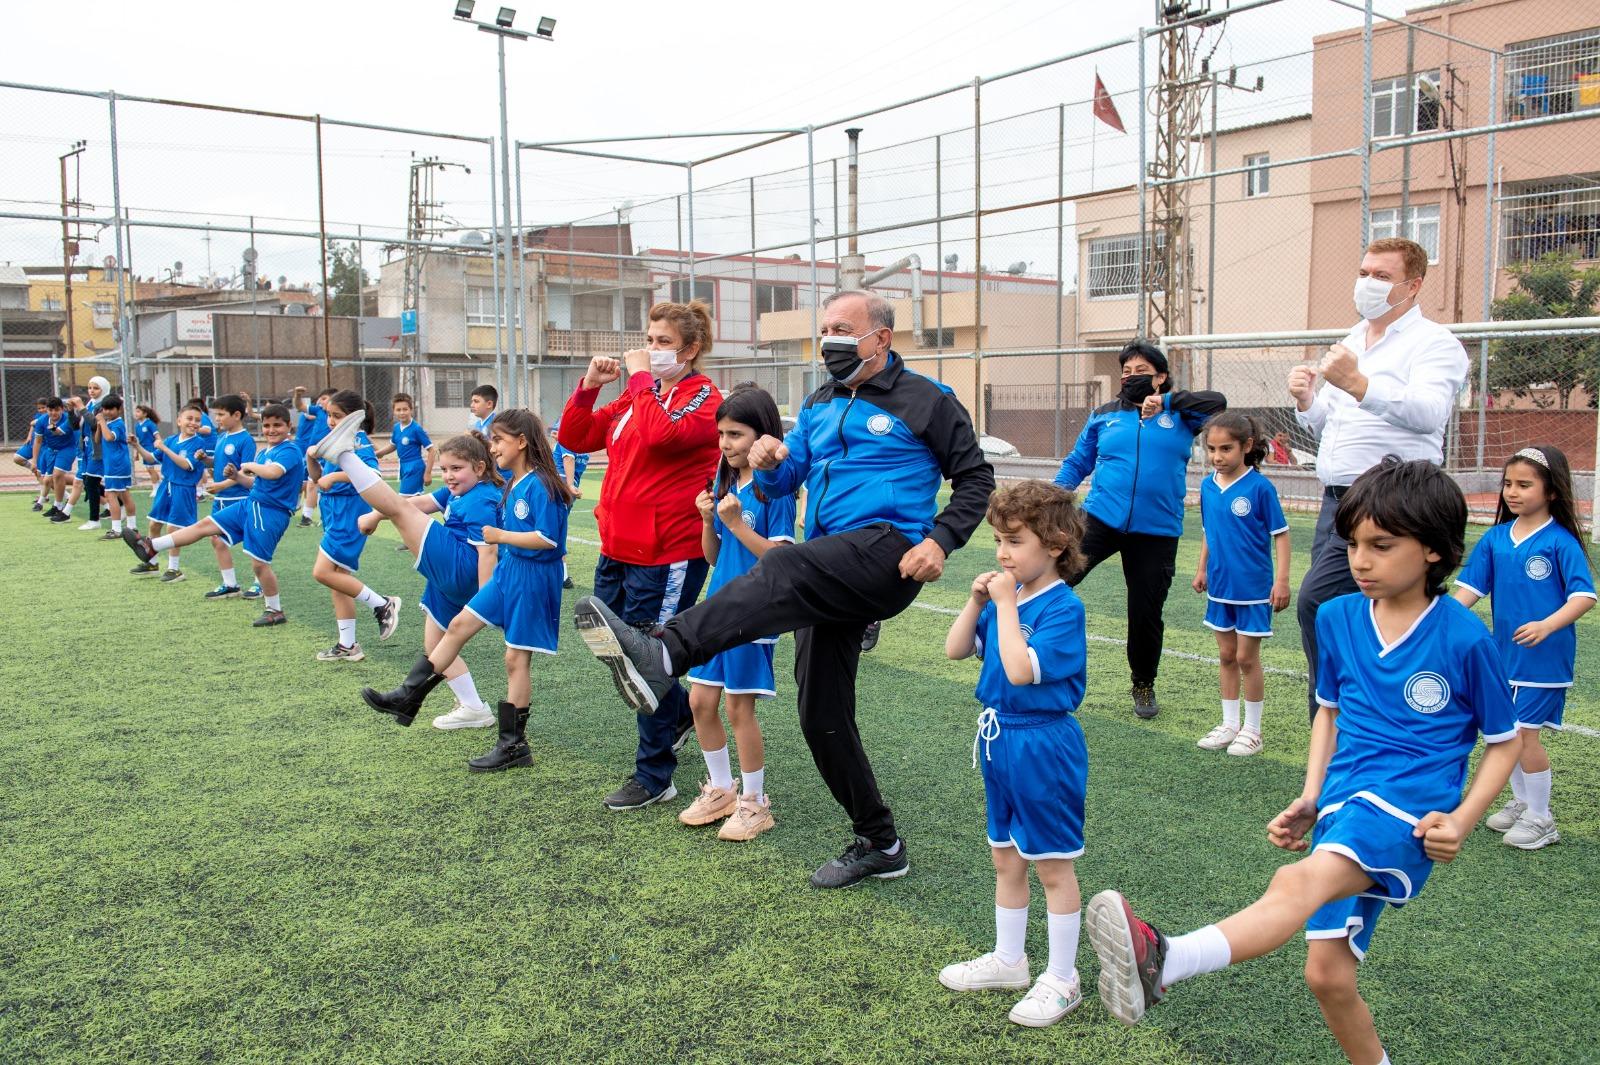 Spor okulları çocukları eğitiyor, geleceğe taşıyor